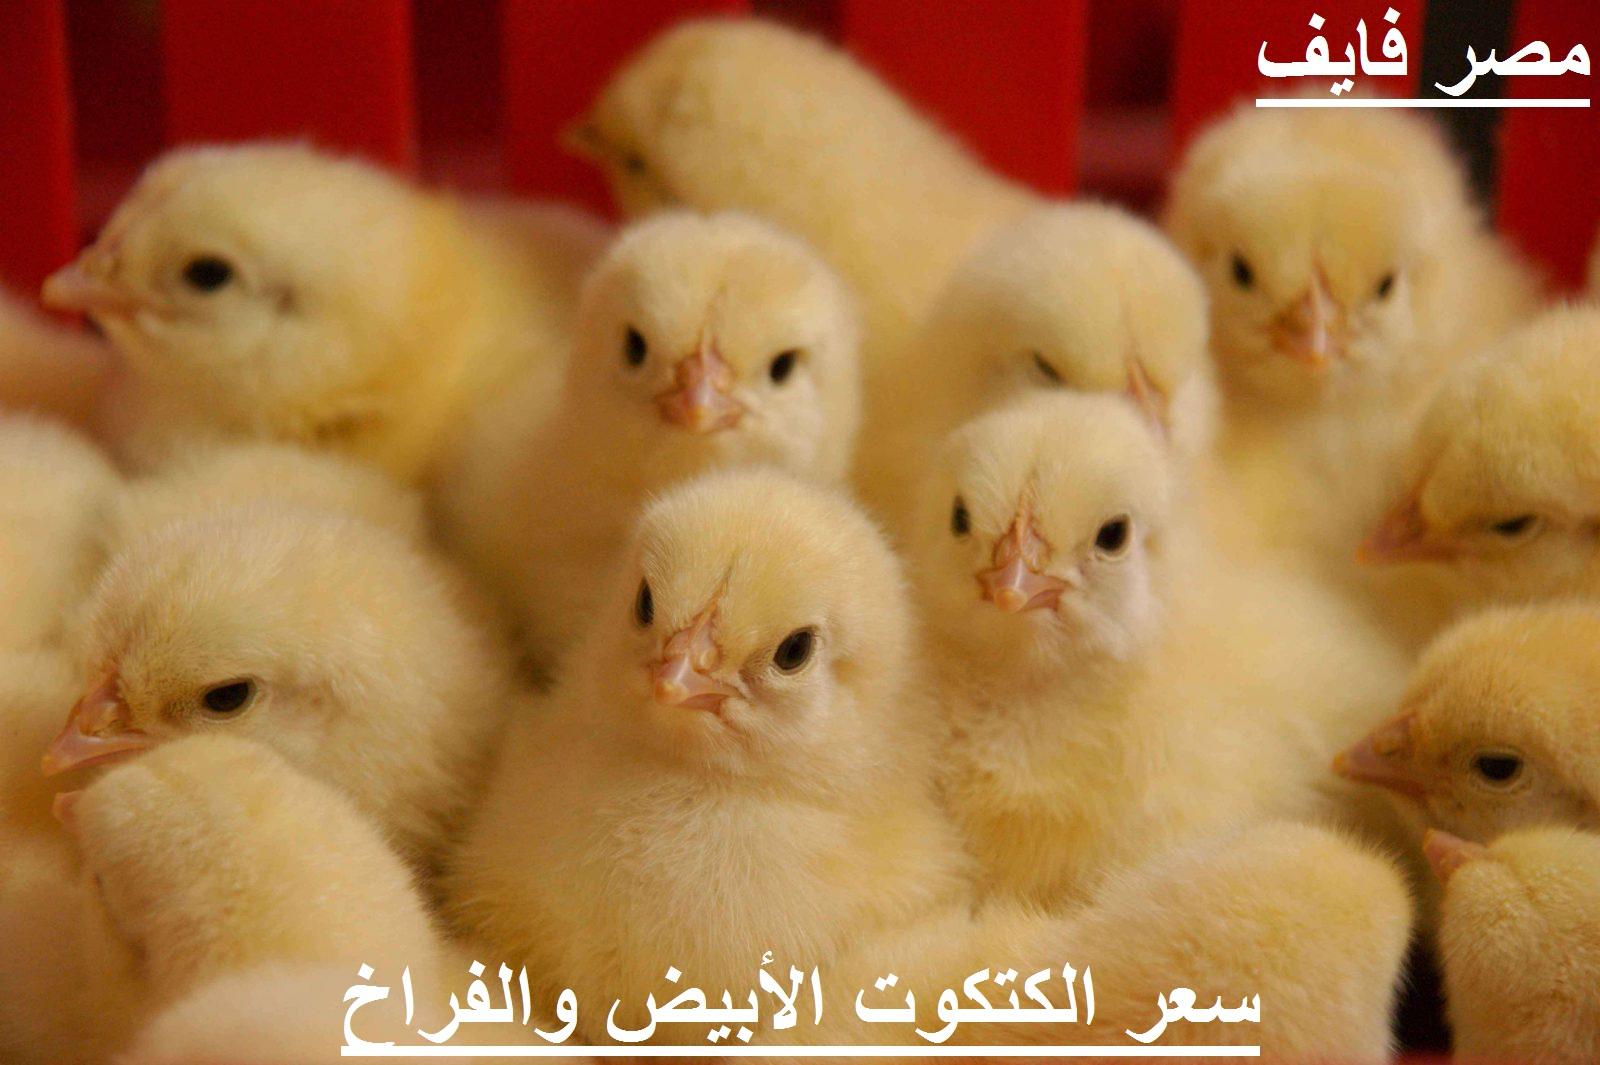 بورصة الدواجن.. سعر الكتكوت الأبيض اليوم الأربعاء 3 مارس وأسعار الفراخ الآن بالمزارع والمحلات